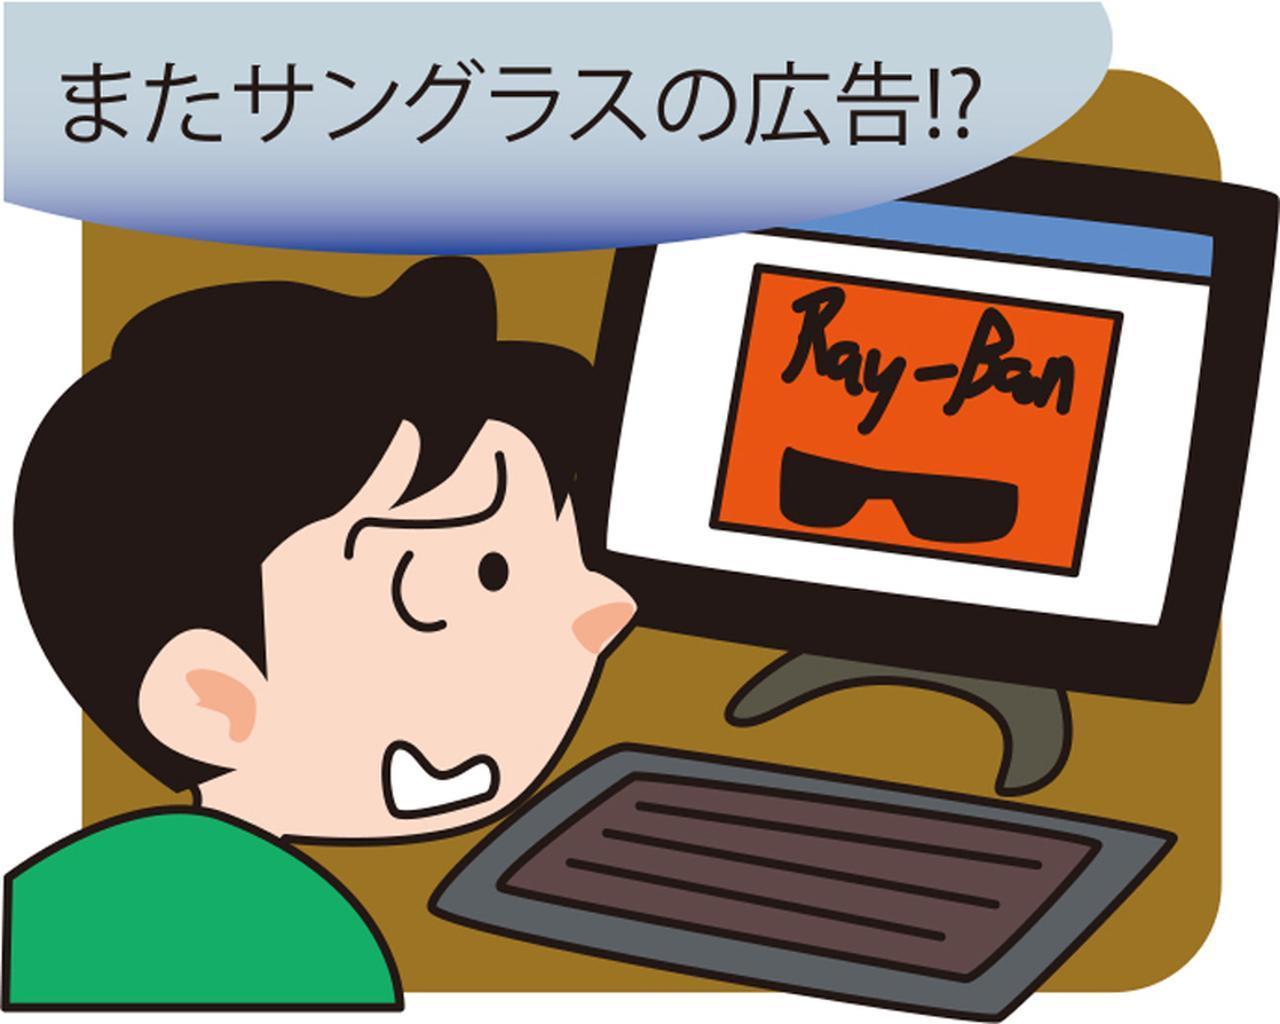 画像: SNSのパスワードを盗まれると、あなたの名前で不審な広告が友達全員に送信されることがある。知らないのは本人だけ。